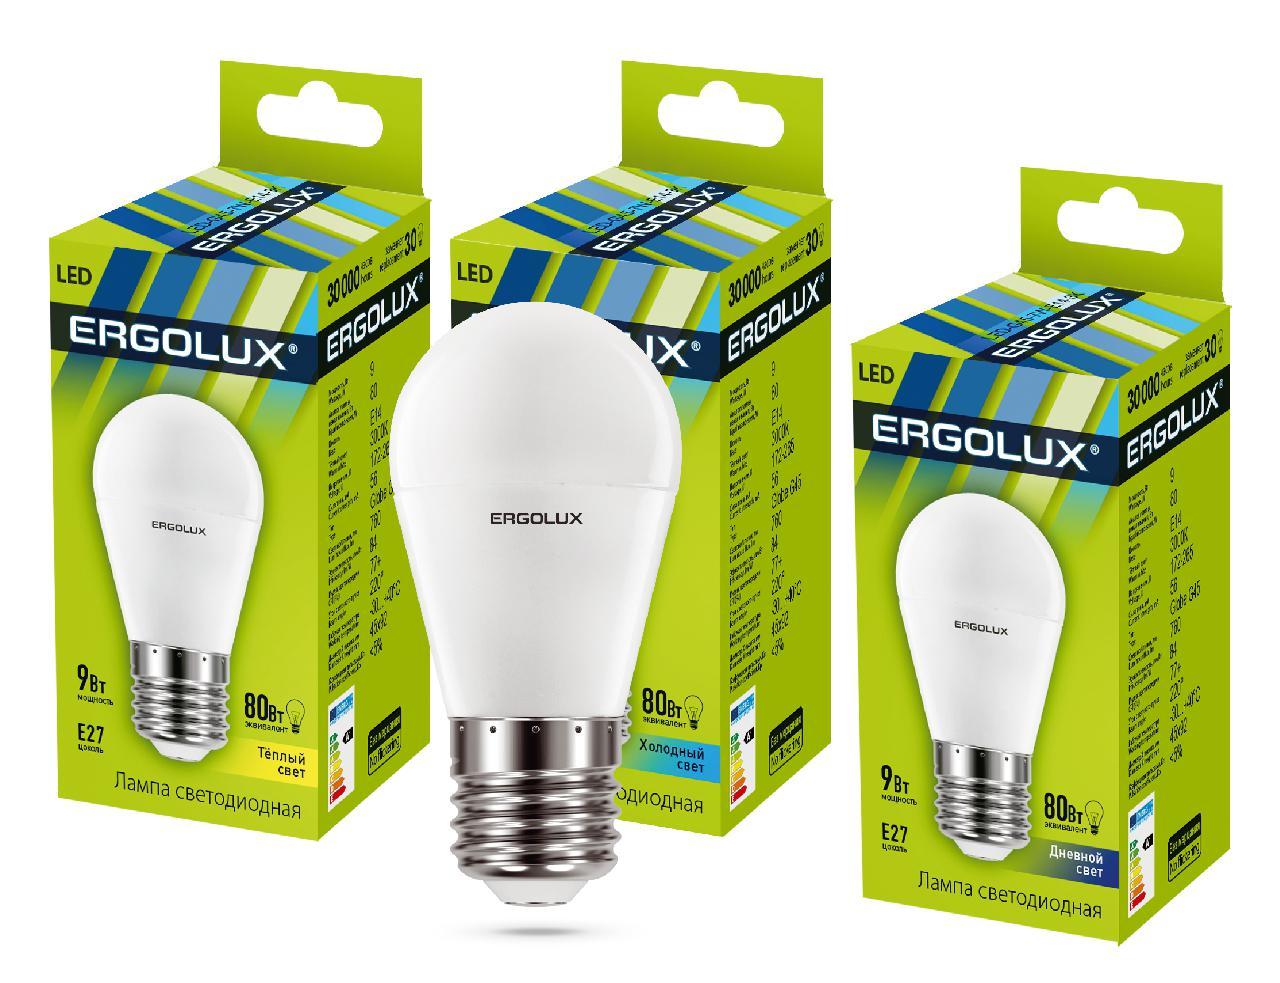 купить Лампа Ergolux Led-g45-9w-e27-3k недорого